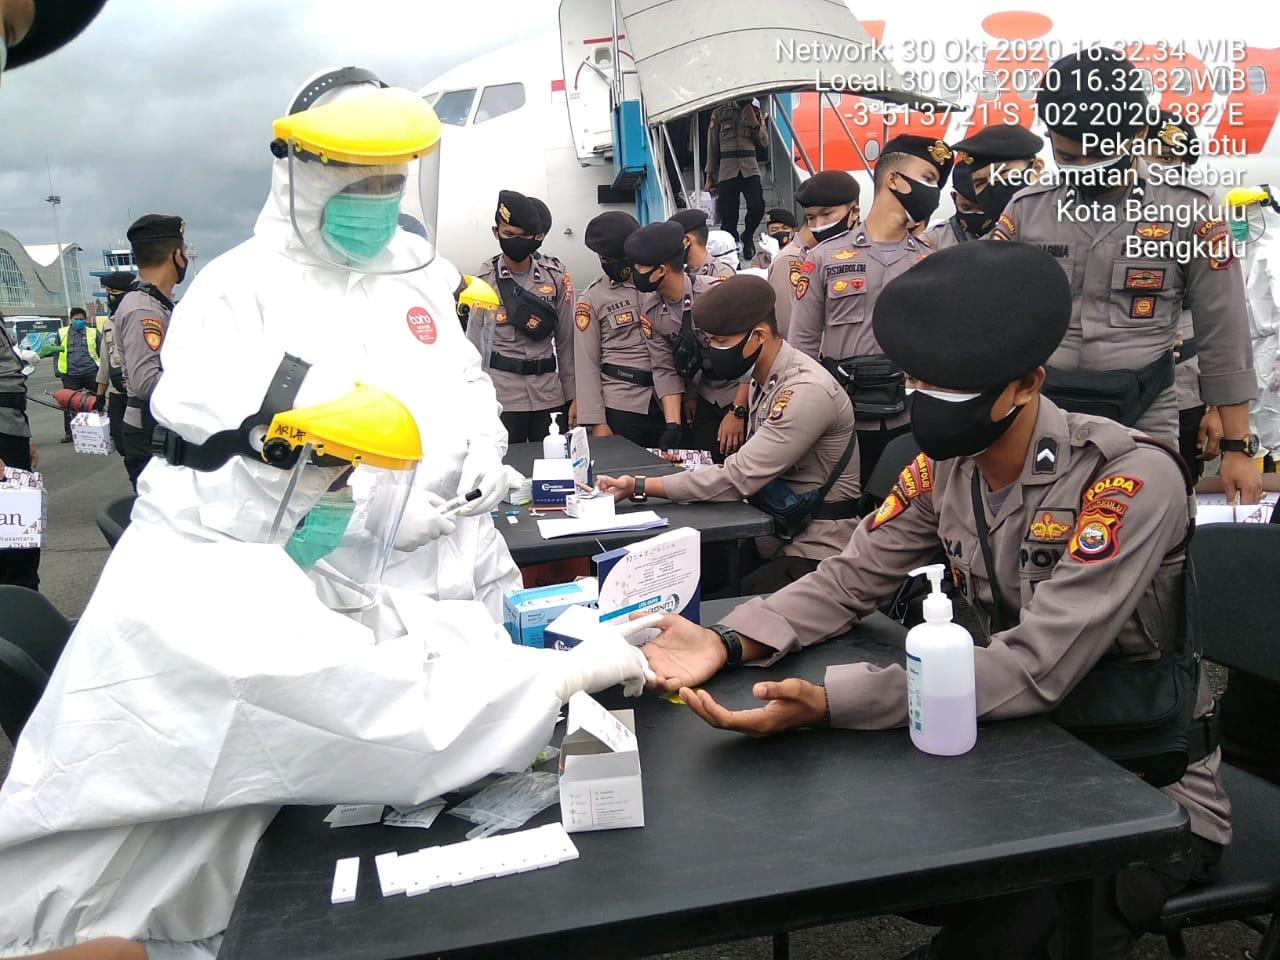 Cegah Penyebaran Covid 19 di Bengkulu, Personel Sabhara Pasca BKO Polda Metro Jaya di Rapid Tes